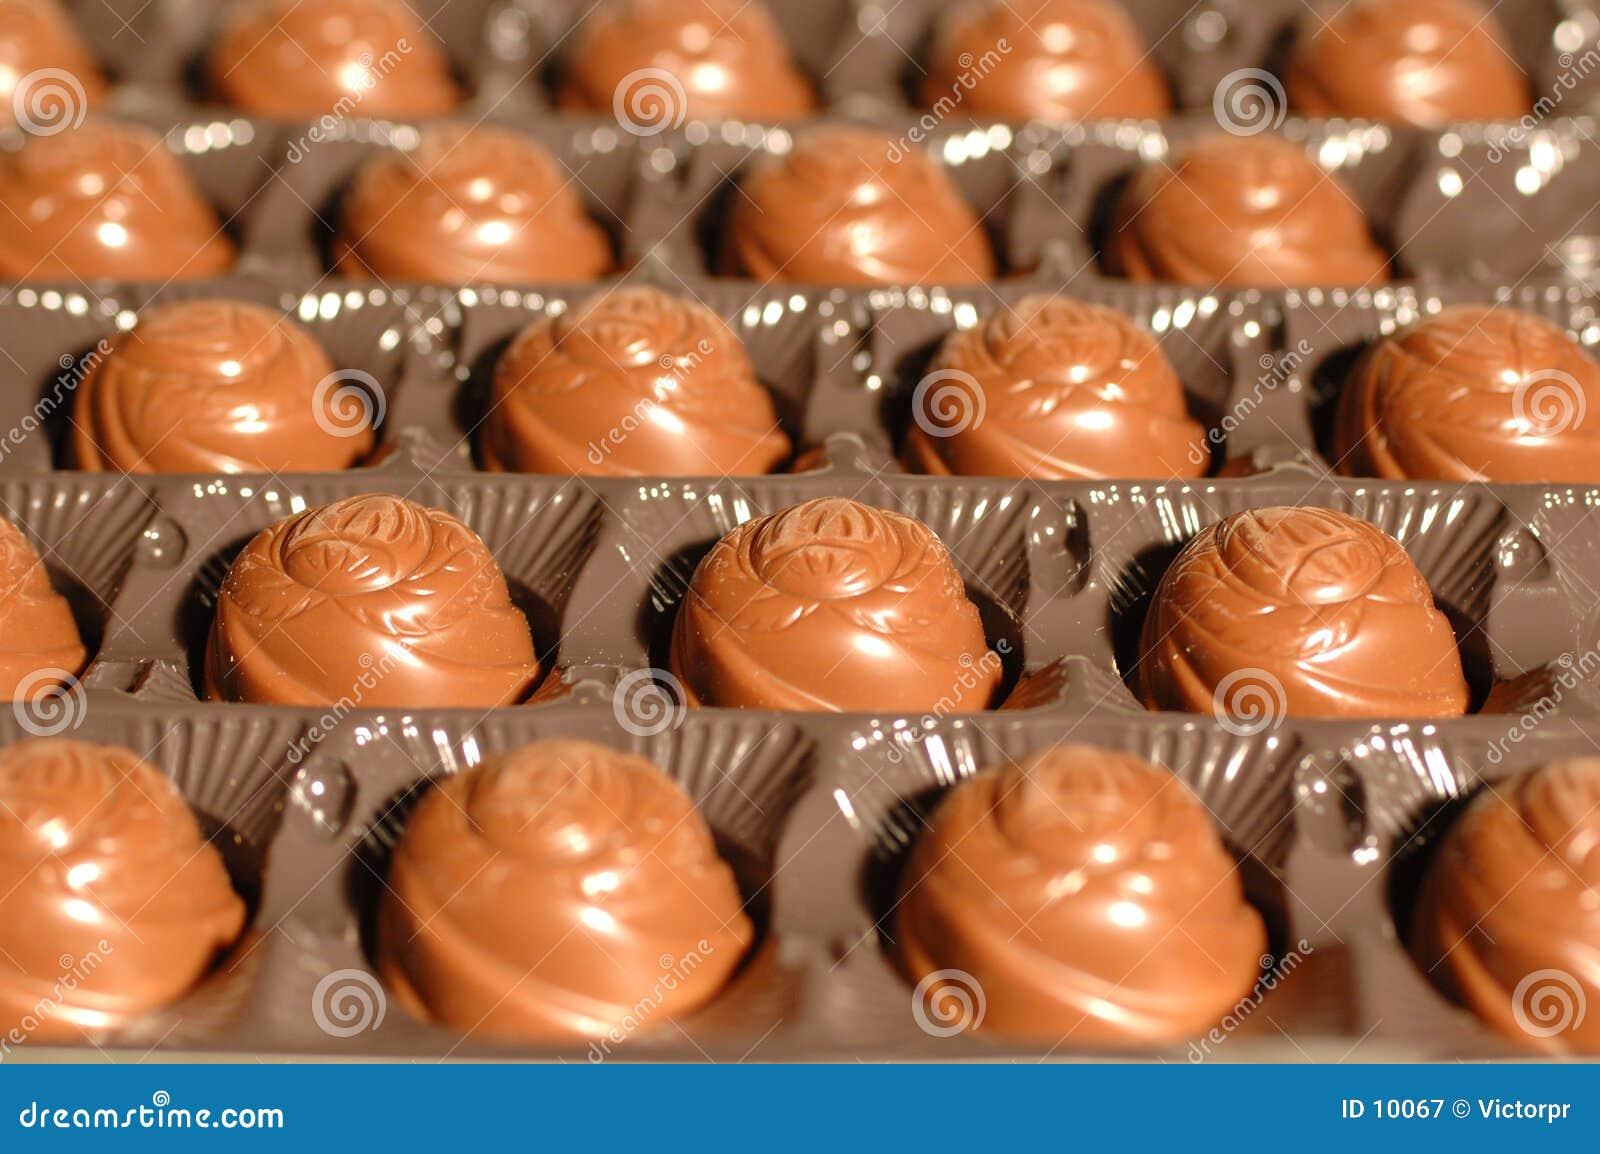 Süßigkeiten in einem Kasten